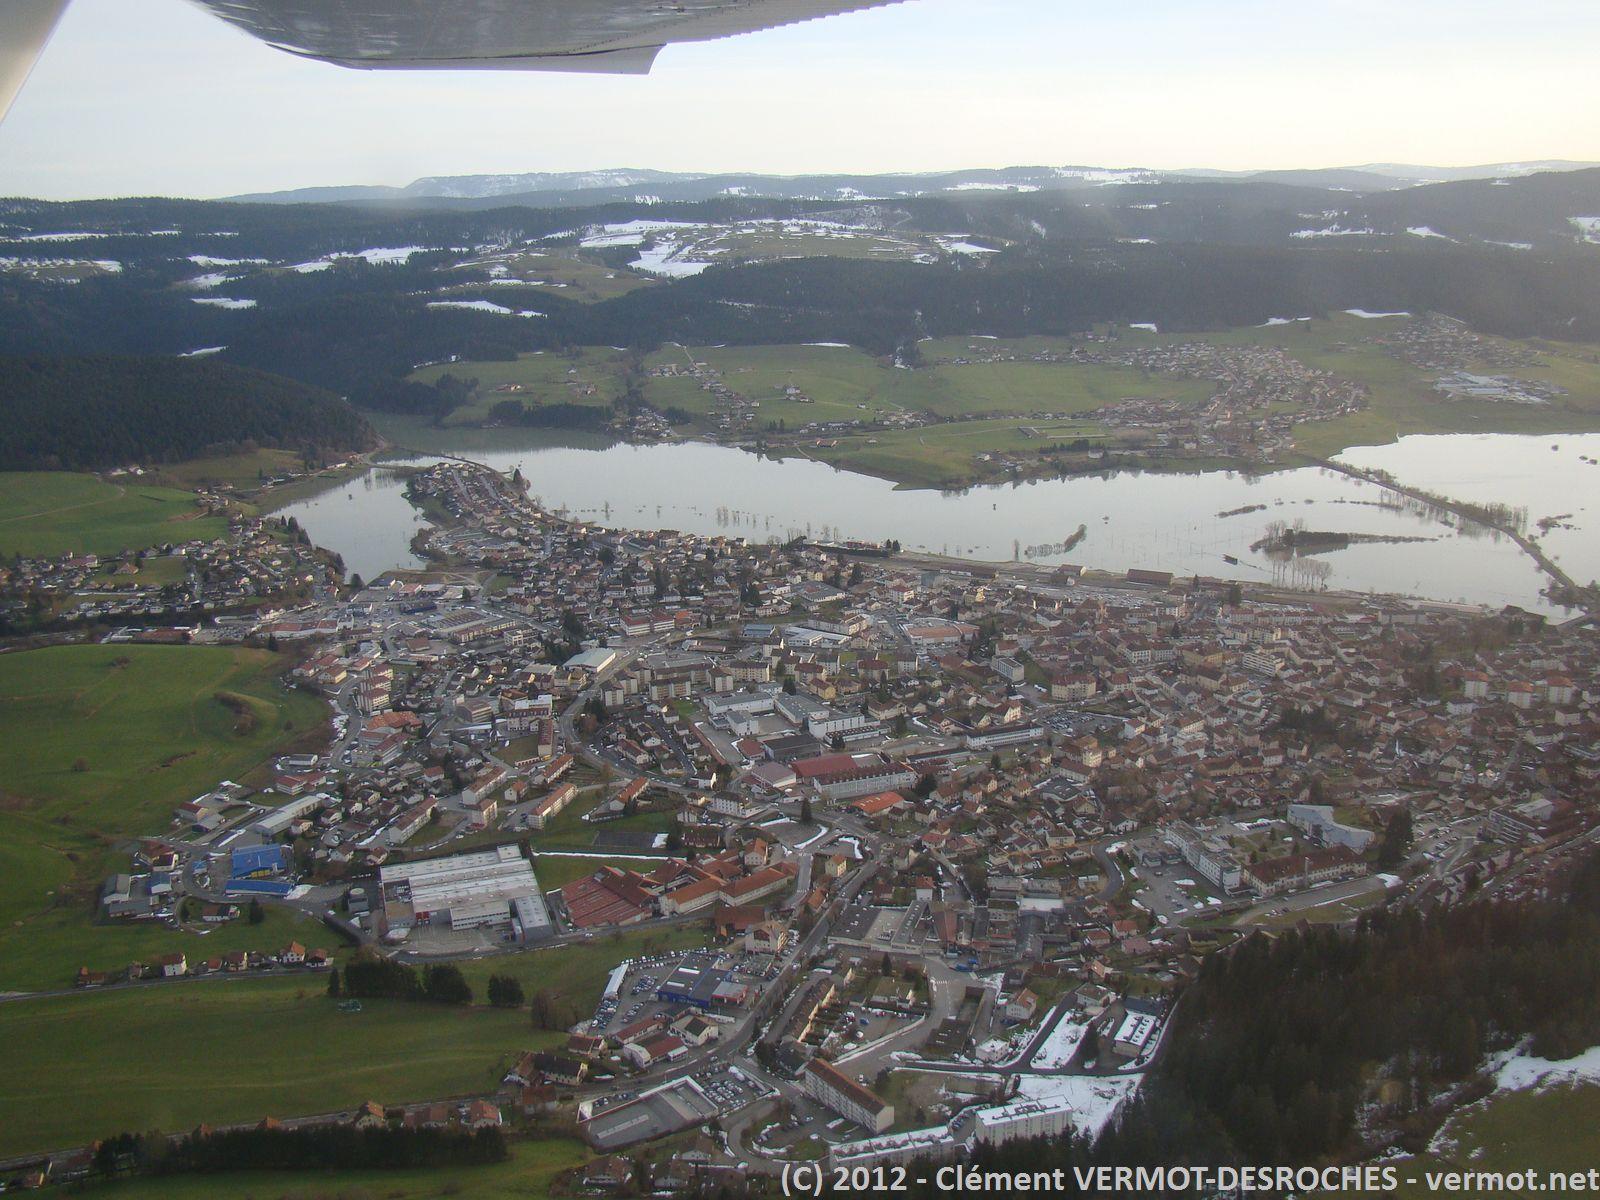 Une autre vue de Morteau avec sa plaine inondée